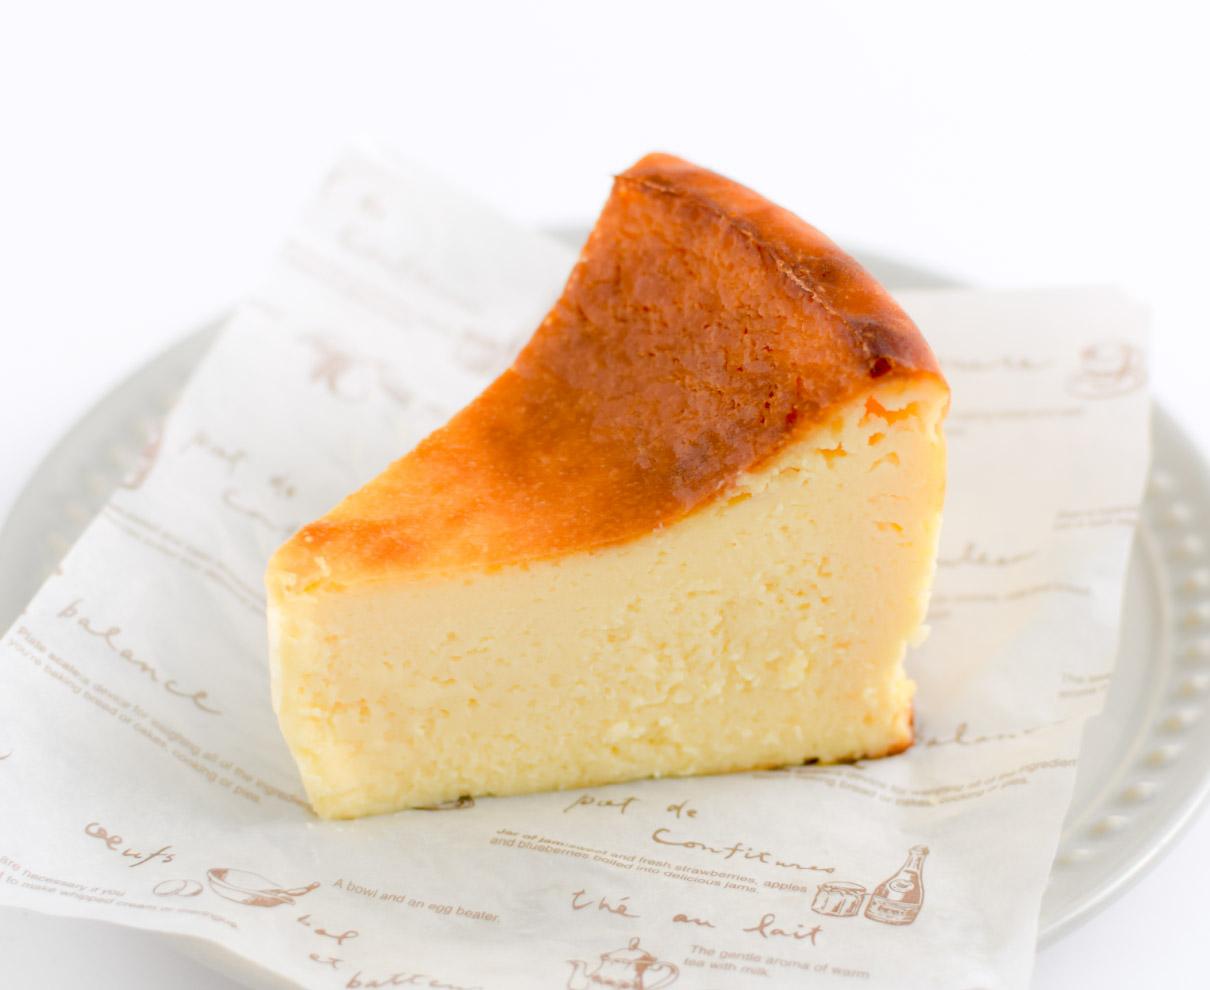 牛脂のチーズケーキ!? 福井の和牛専門店『高島屋』が作る驚きのスイーツ